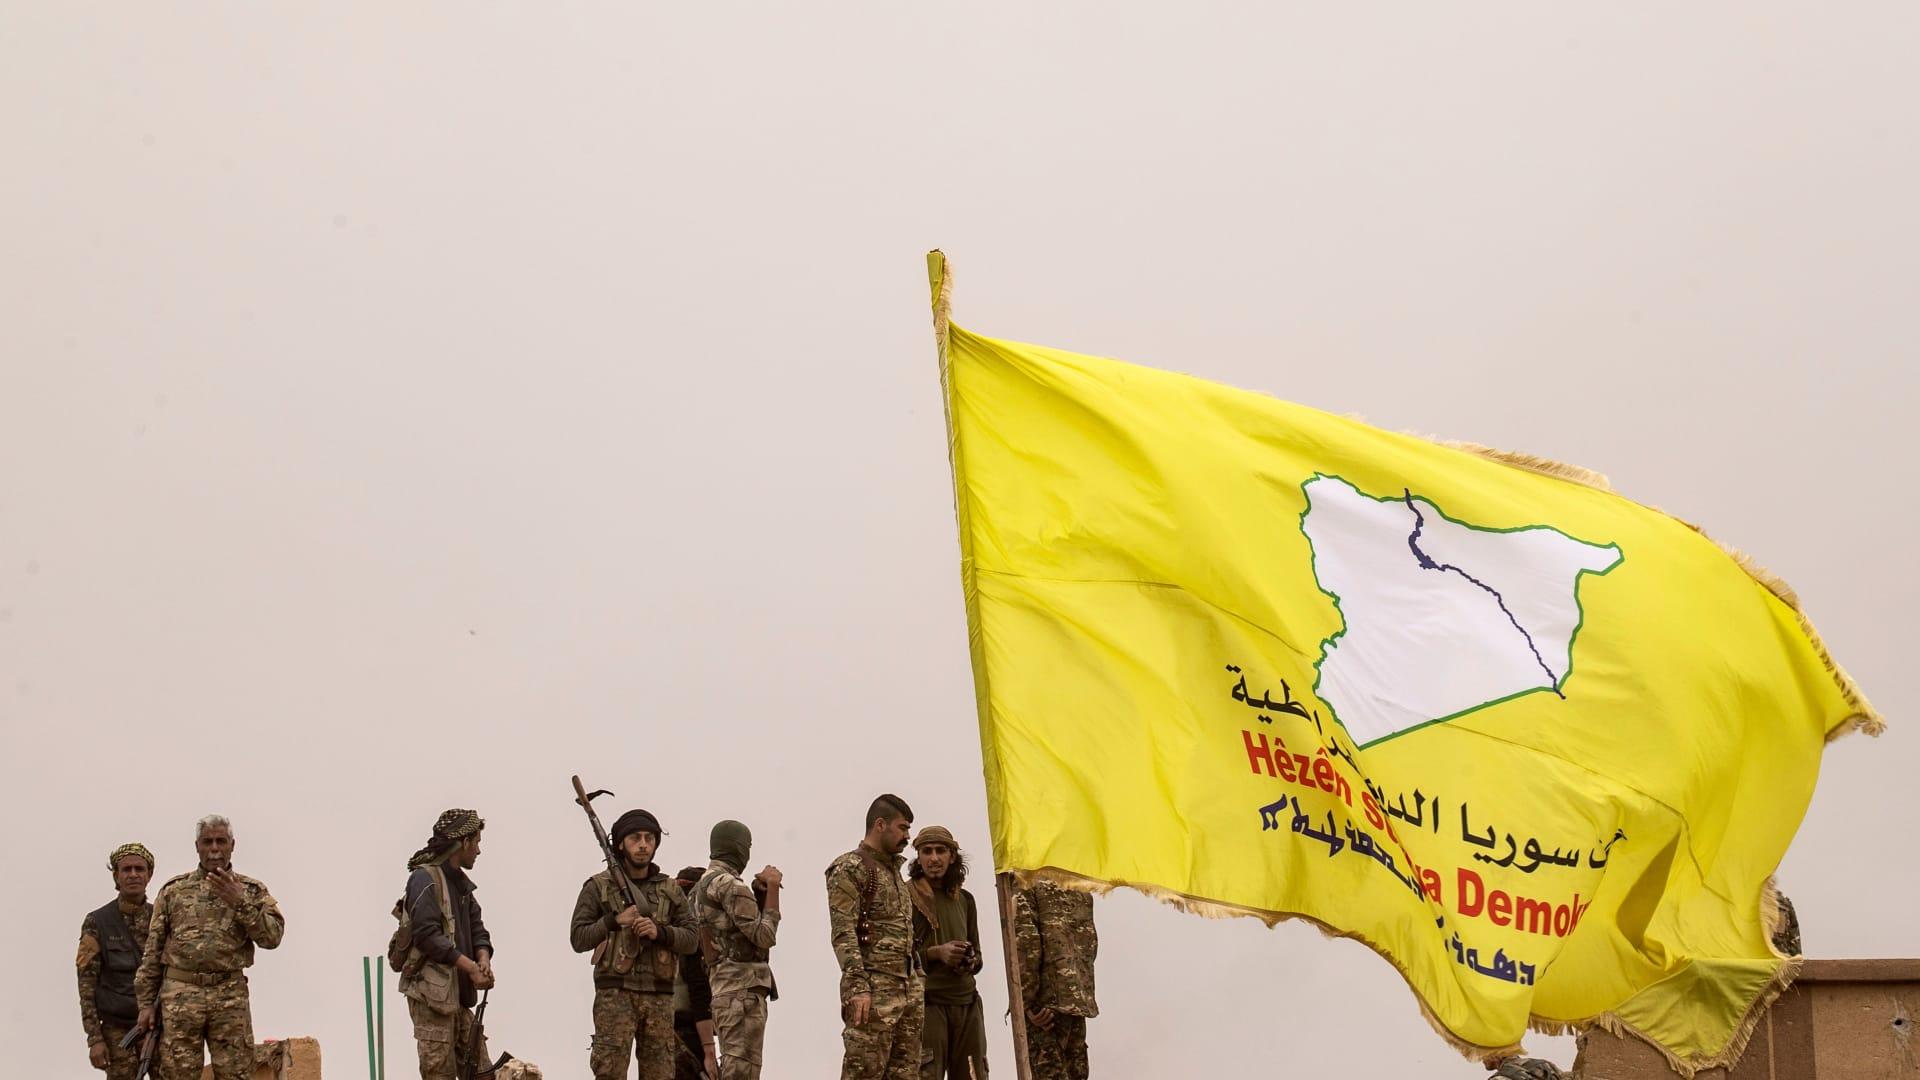 """""""سوريا الديمقراطية"""" تتهم واشنطن بـ""""عدم الوفاء"""" بالتزاماتها بعد سحب القوات الأمريكية"""